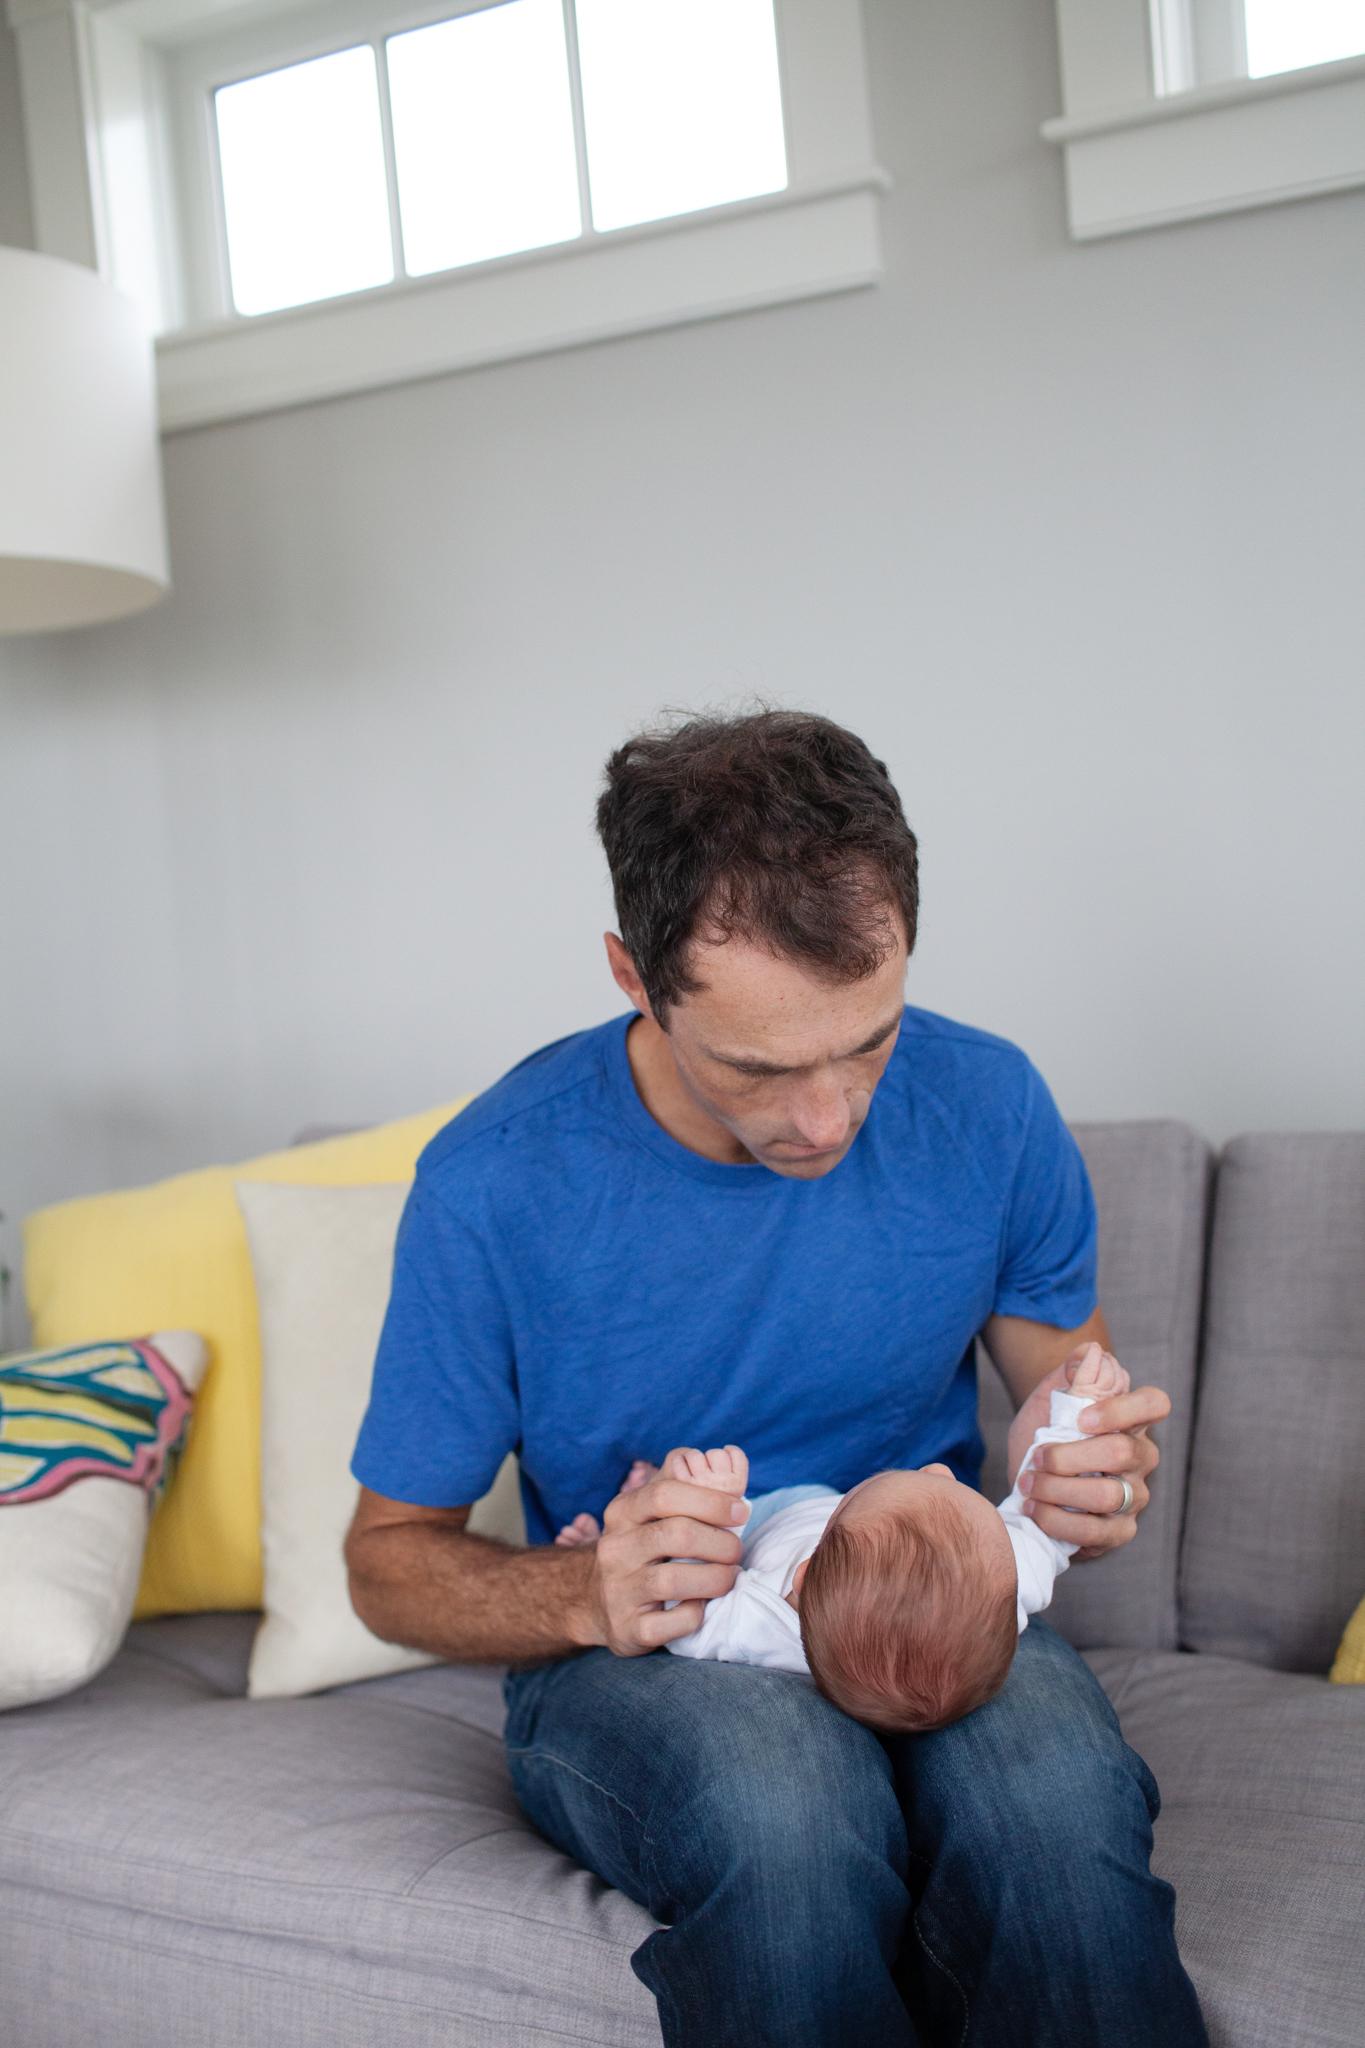 maine-newborn-photographer -41.jpg